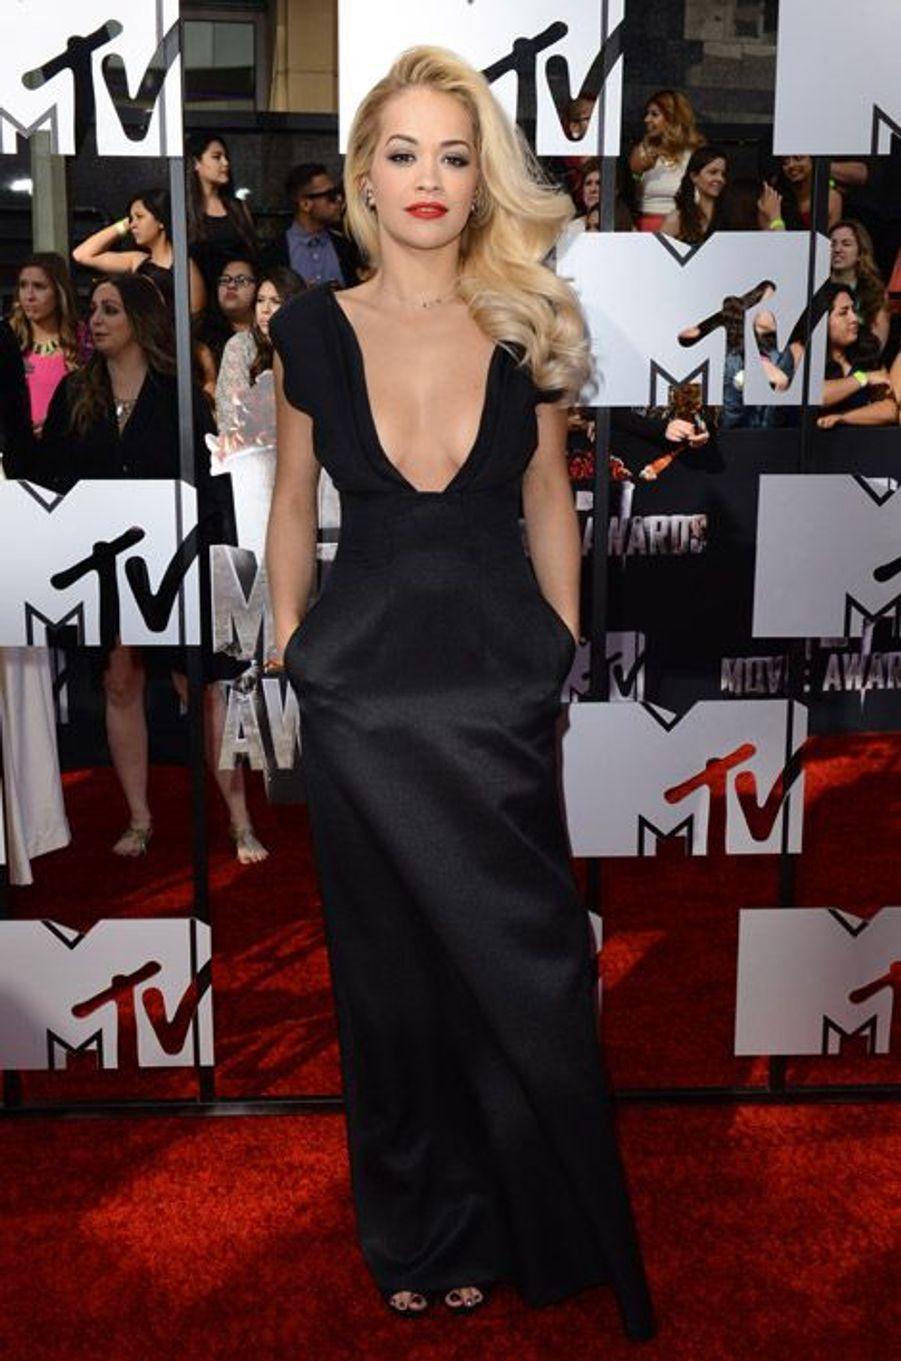 La chanteuse Rita Ora en Barbara Casasola lors des MTV Movie Awards à Los Angeles, le 13 avril 2014